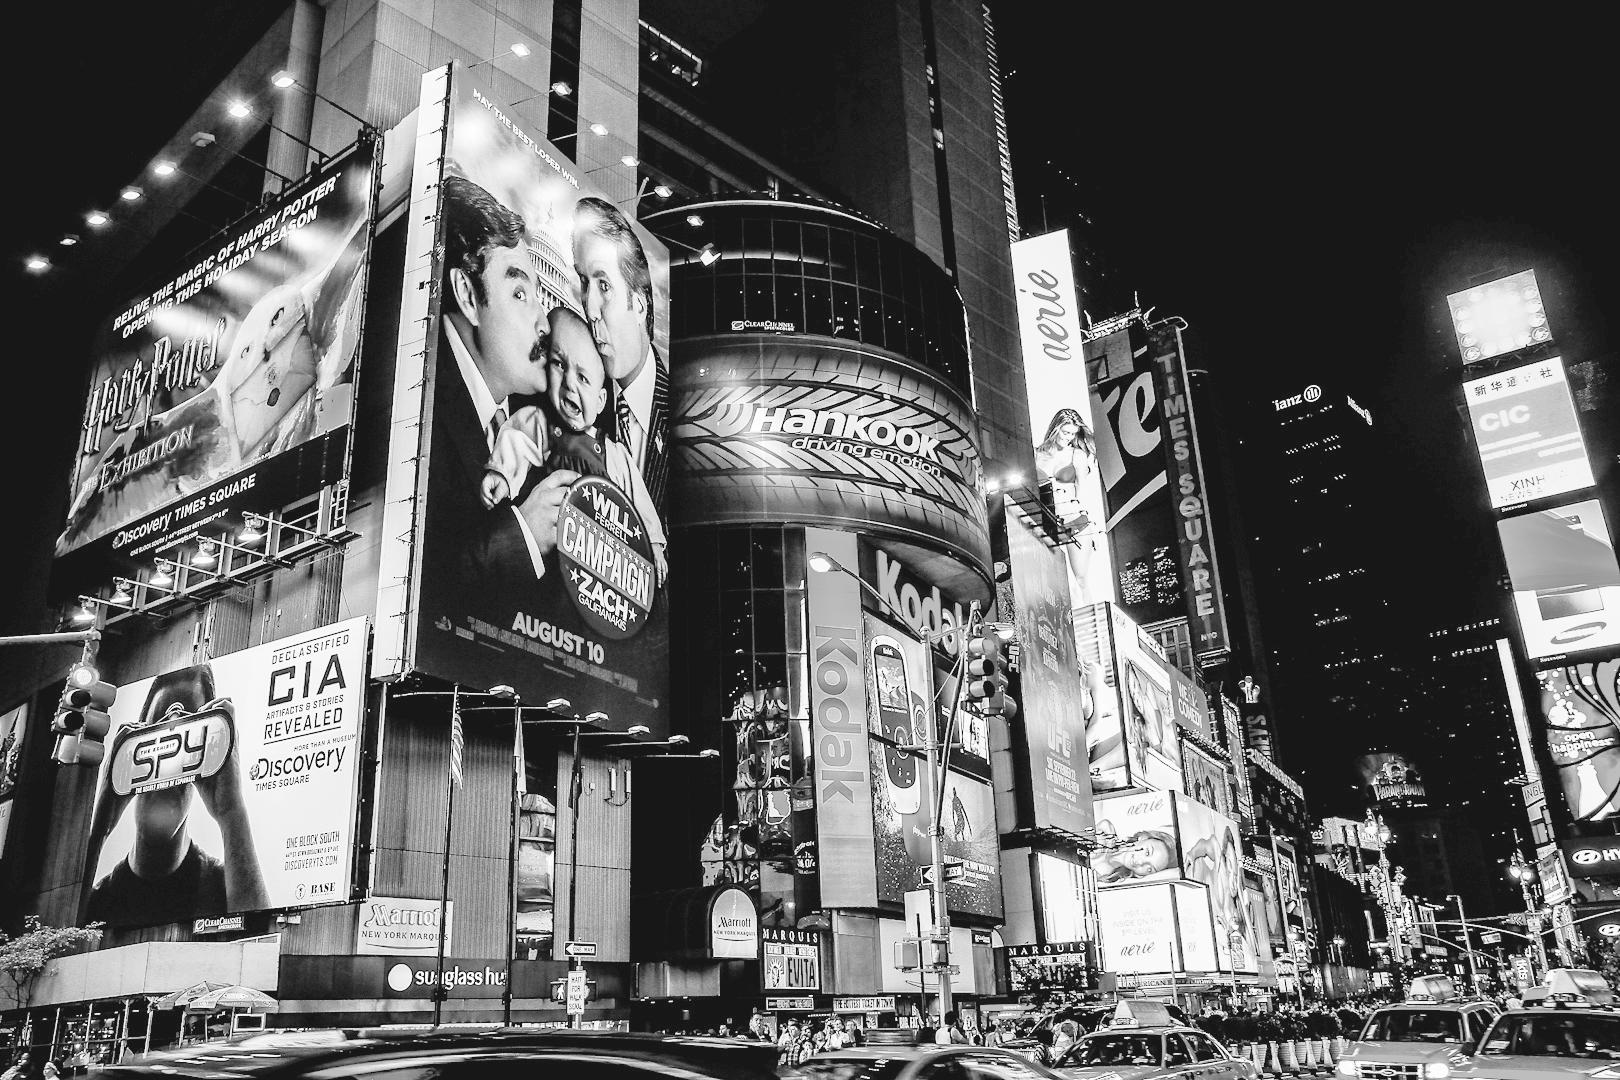 newyork_001